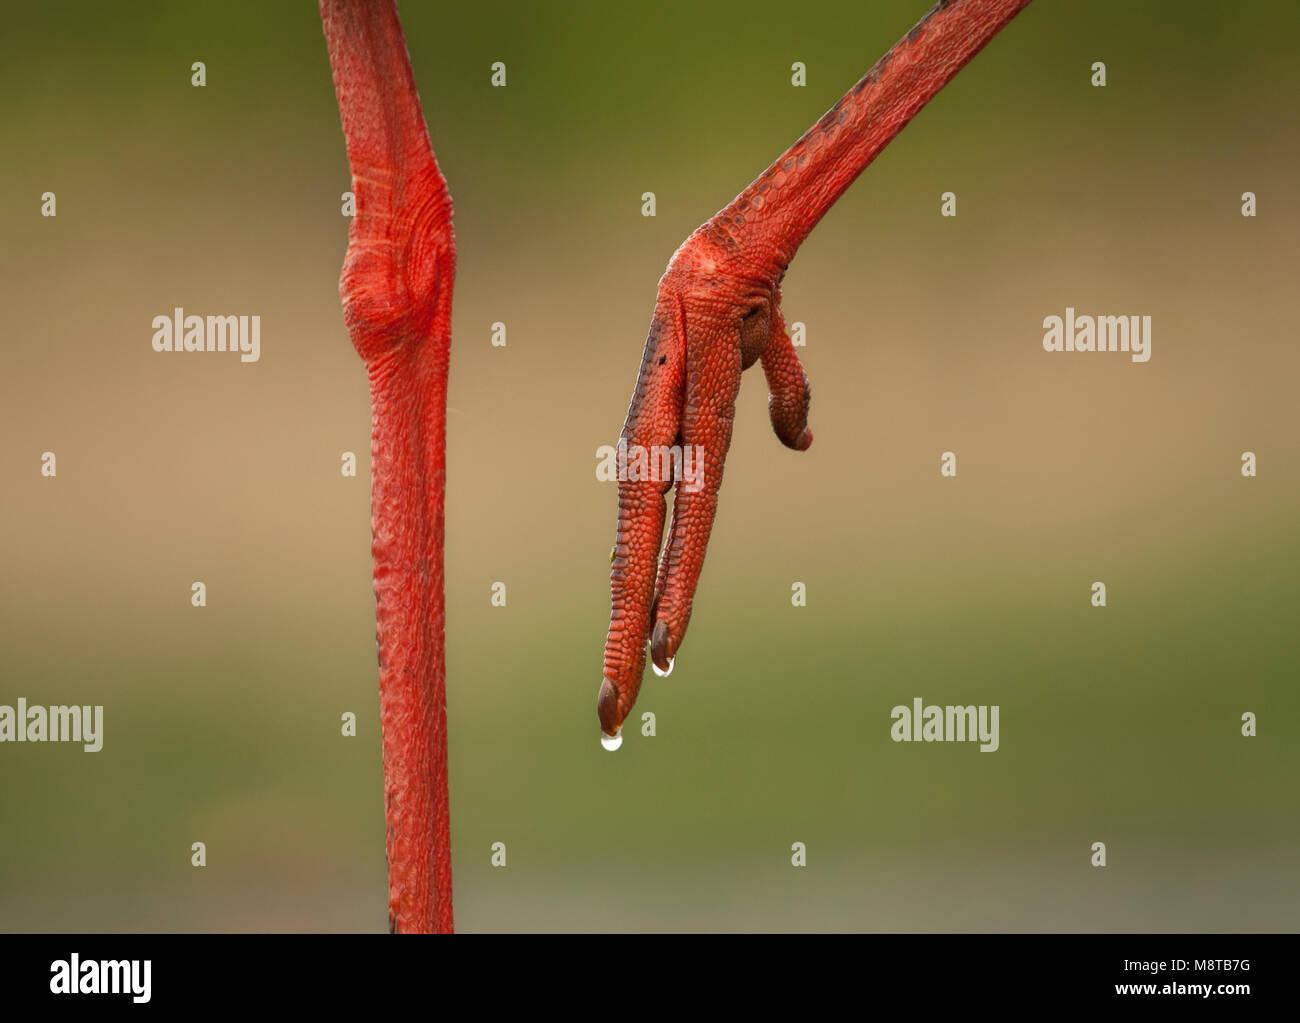 Ri en nagels van een Zwarte Ooievaar; gambe e chiodi da una cicogna nera Immagini Stock